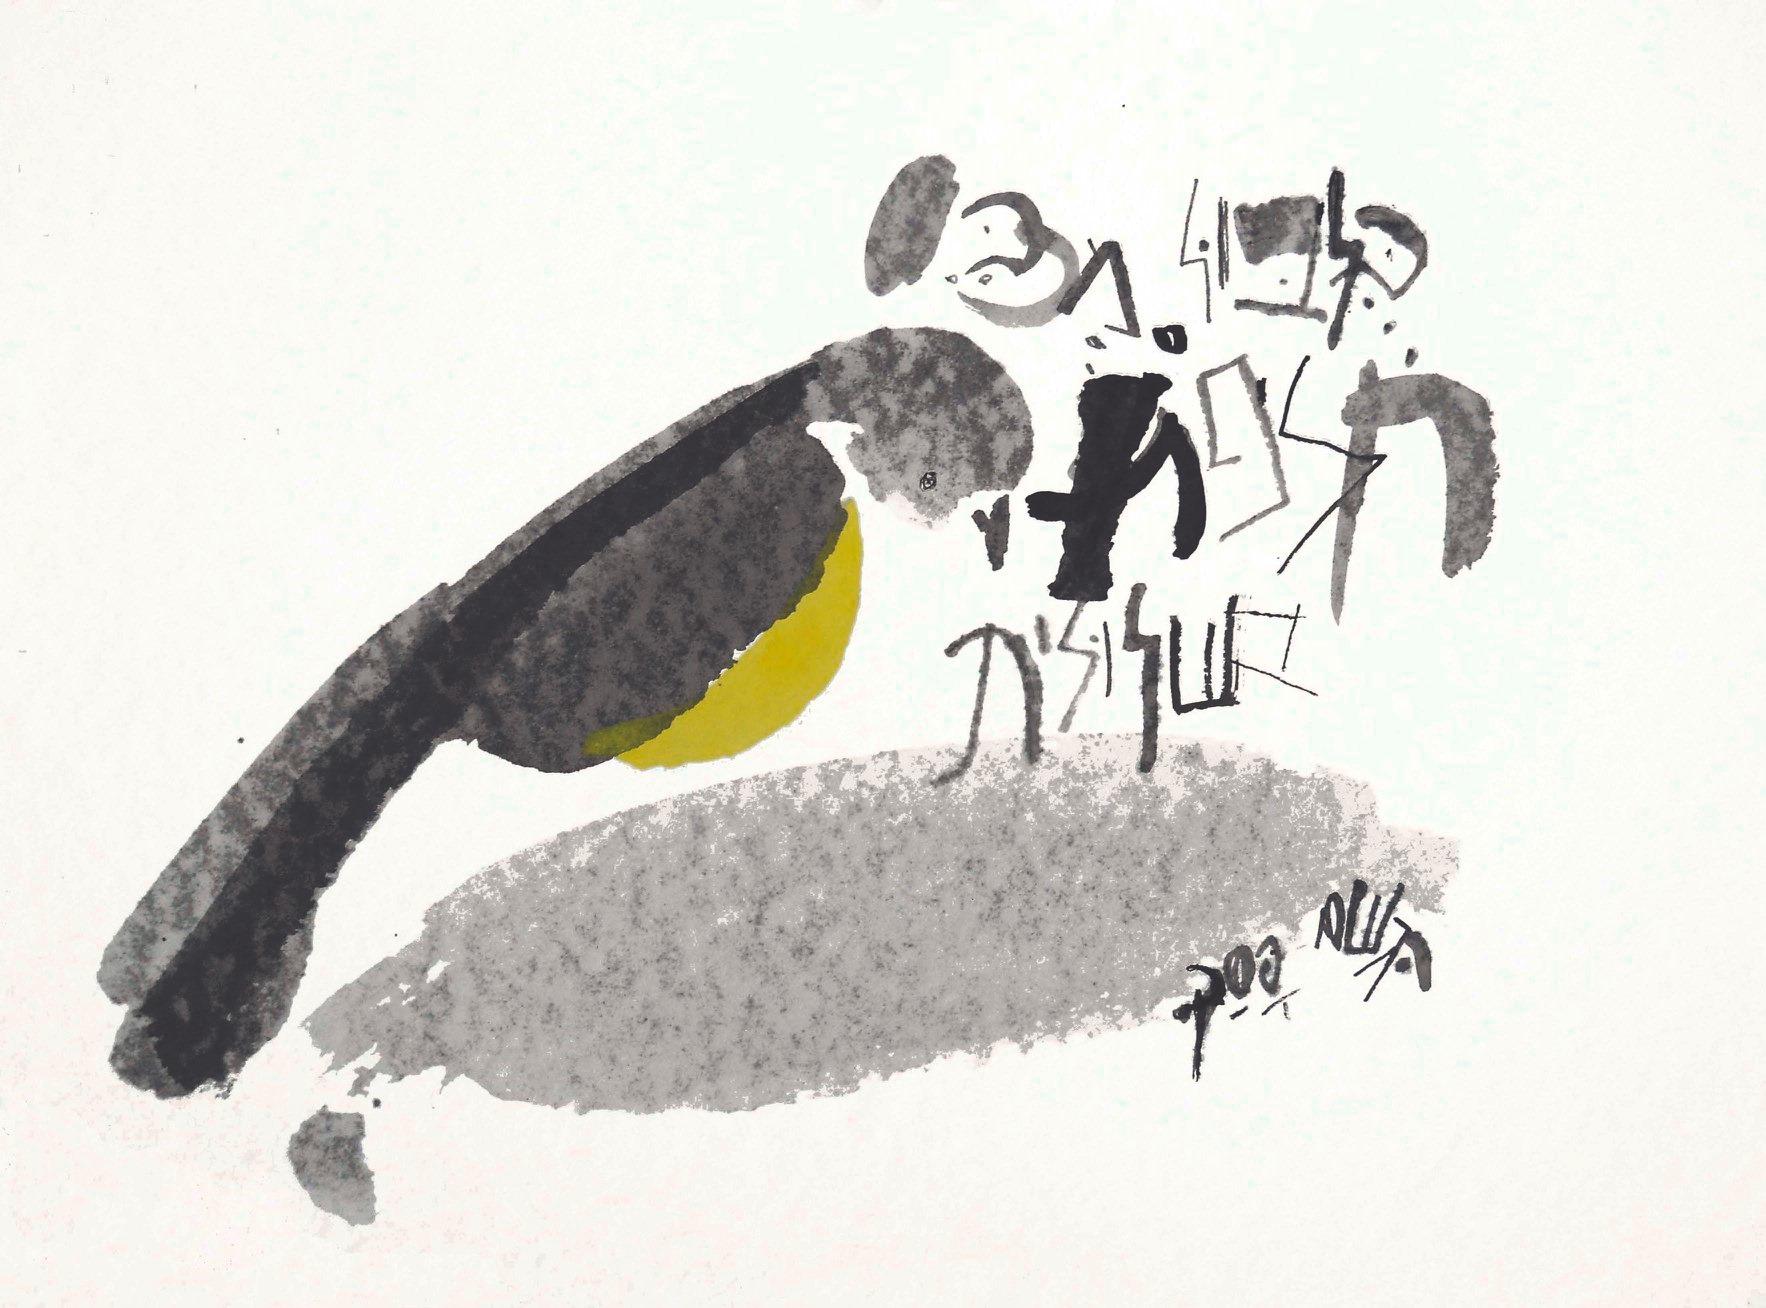 לוסי אלקויטי, בולבול, 2011, דיו וצבע מים על נייר